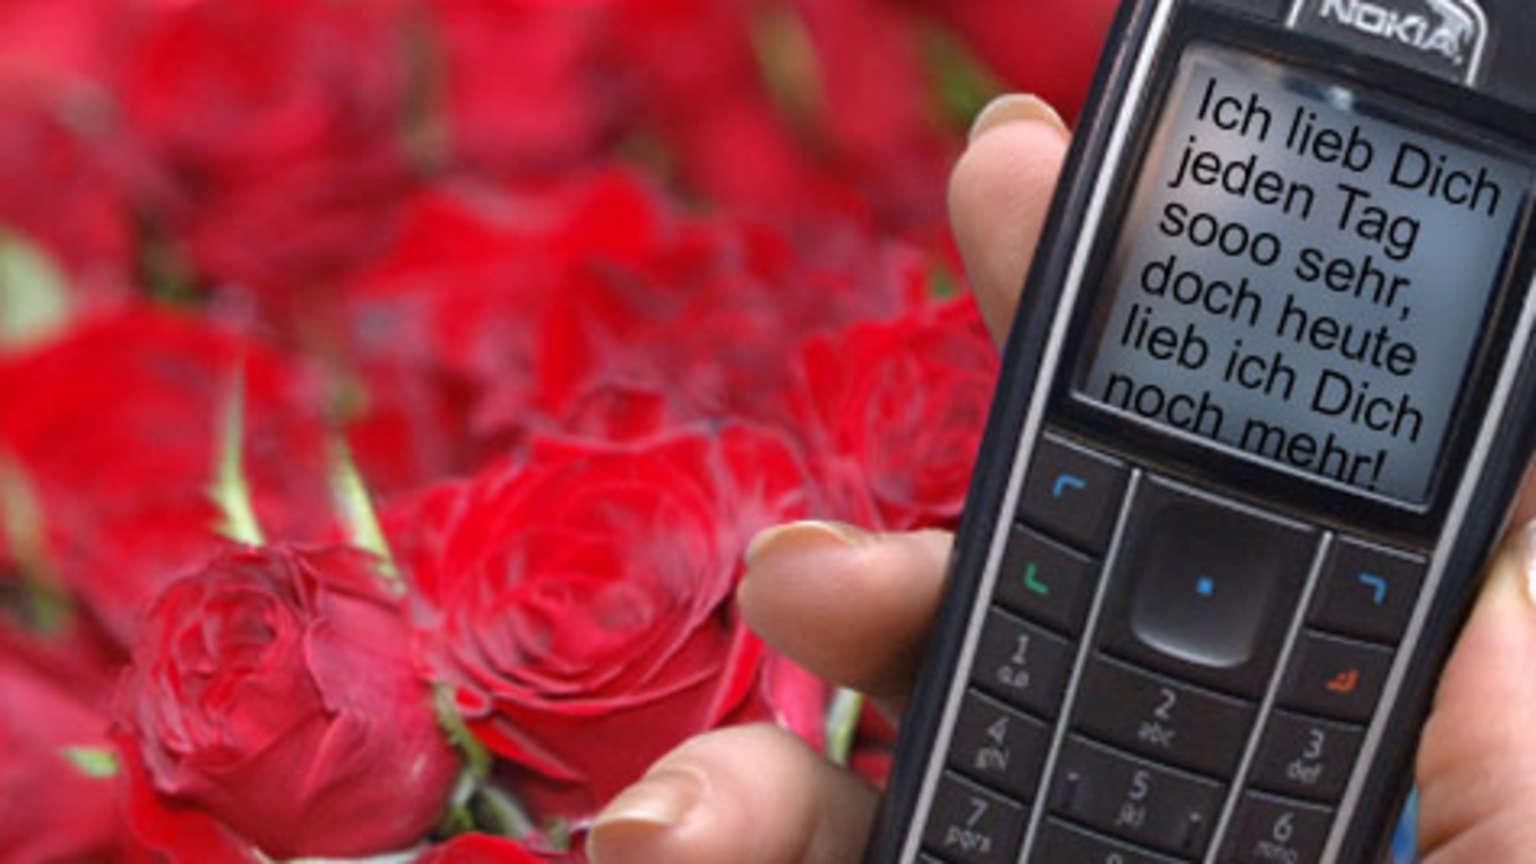 Flirt sms spruche kostenlos